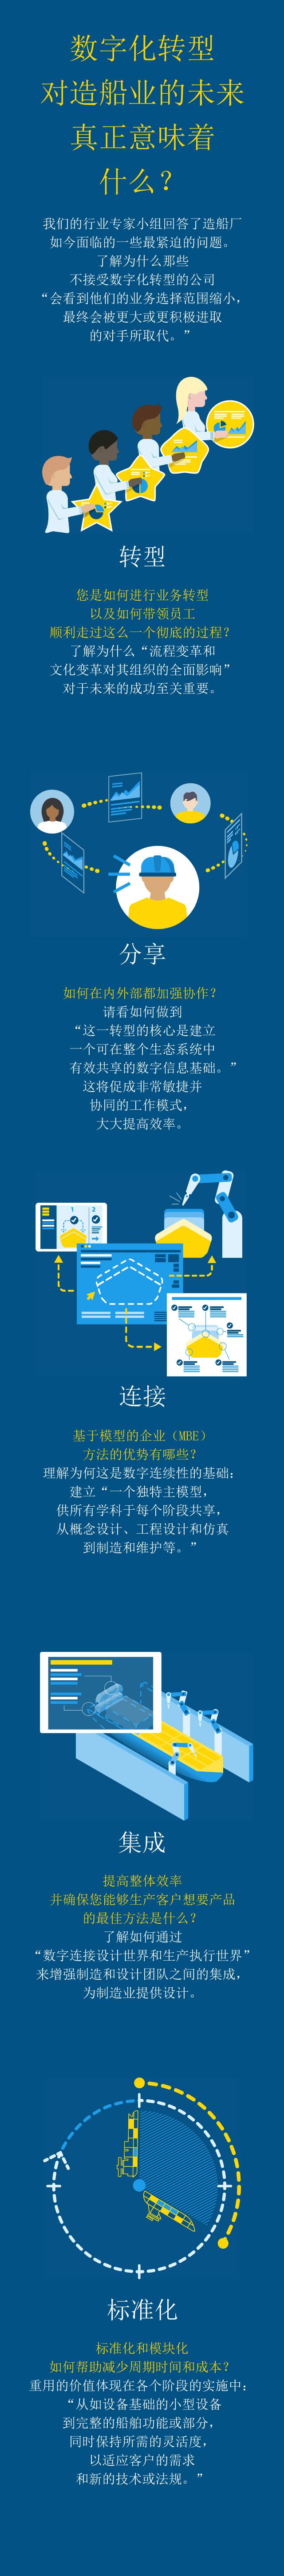 数字化船厂 > 造船业的未来 > Dassault Systèmes®